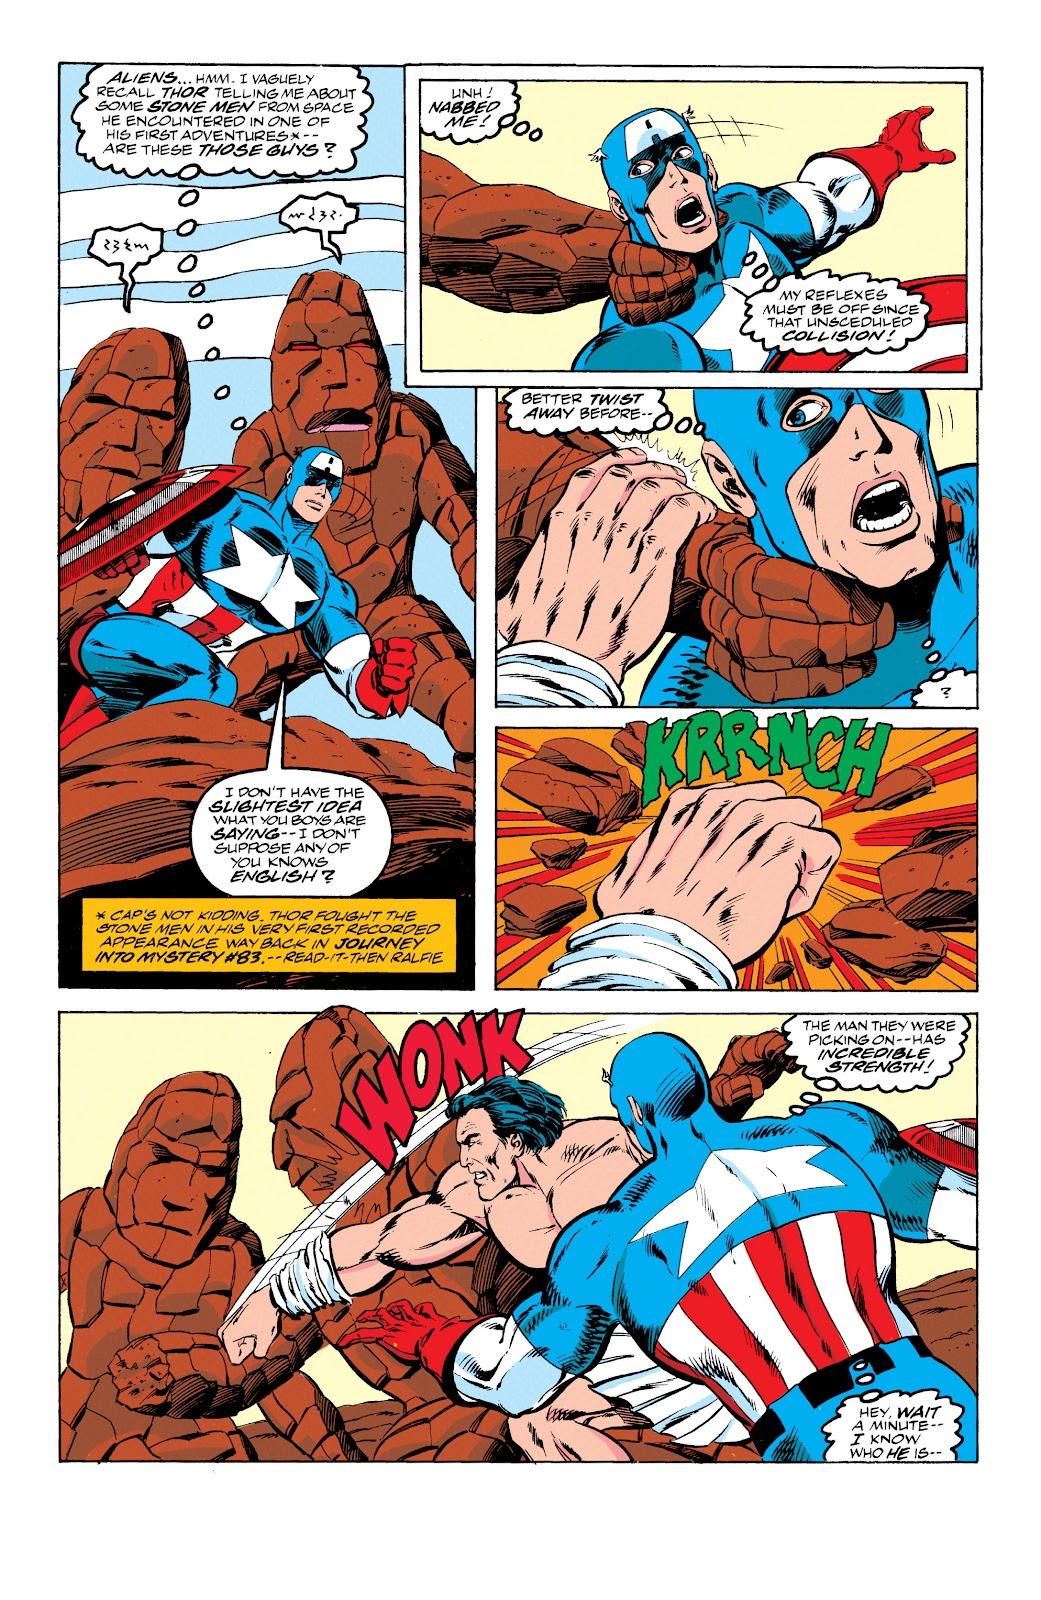 Read online Avengers: Citizen Kang comic -  Issue # TPB (Part 1) - 14